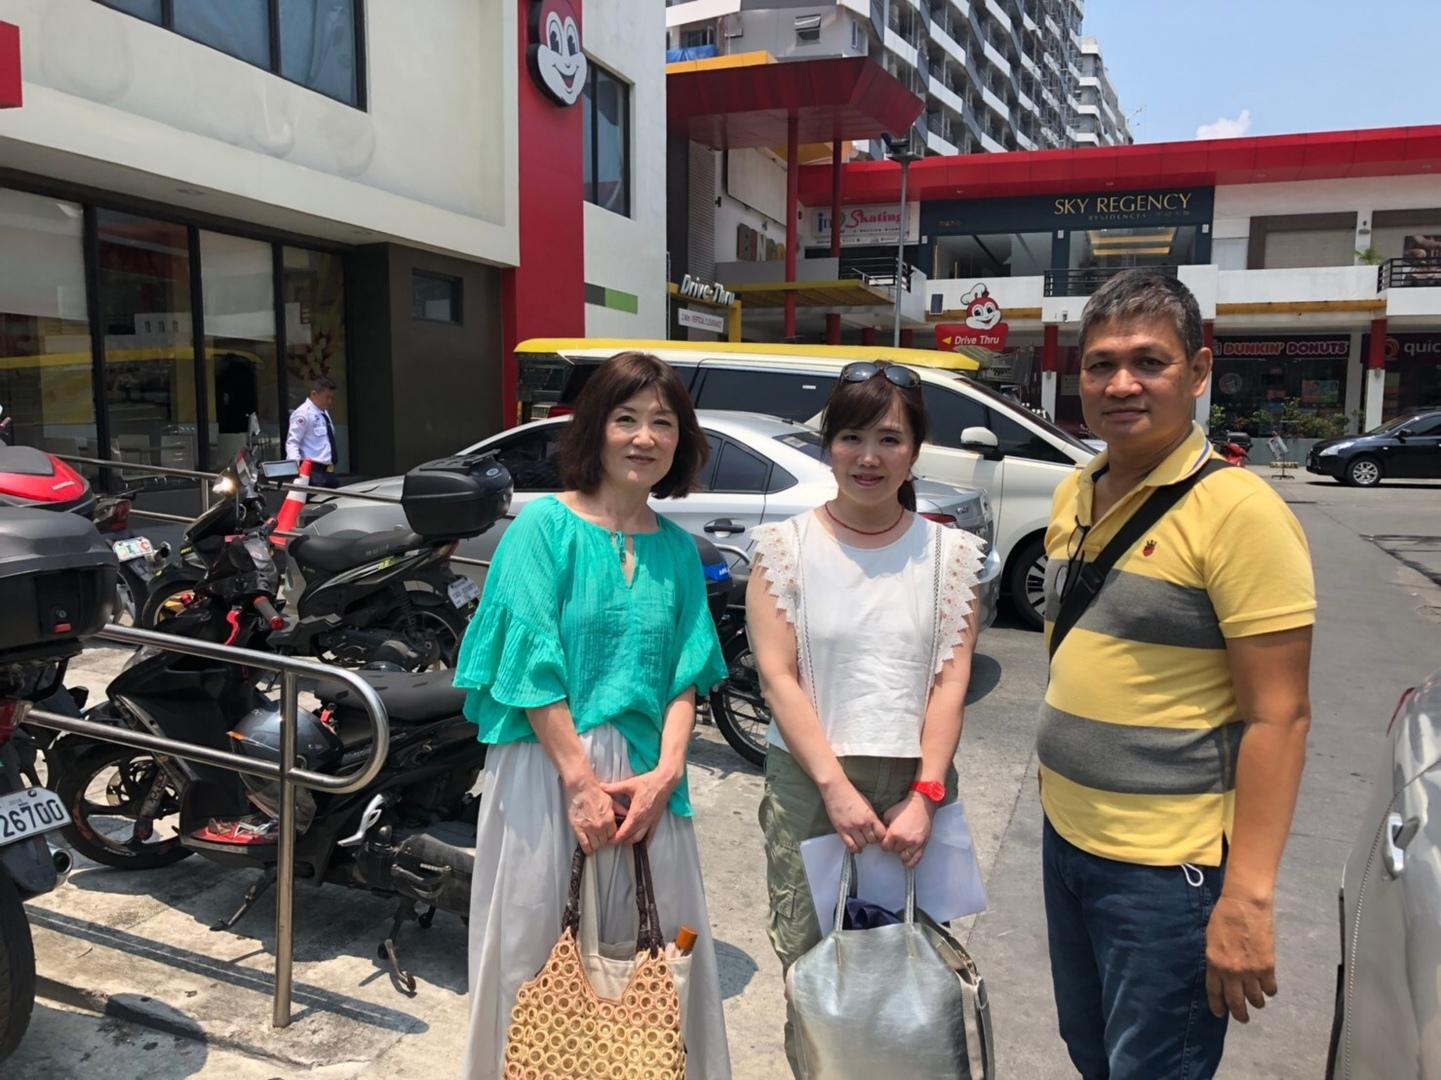 今回、韓流スターのファンミ参加のため、初めてフィリピンを訪れました。時間を有効に使うため、ツアーに参加しましたが、知らなかったフィリピンの歴史を知ることができました。、 ガイドさんのお話から、いろんなお話を聞き、大変勉強になりました。 ガイドさんの日本語が時々わからないところもありましたが、有意義な時間を過ごすことができました。また、フィリピンにいきたいです。